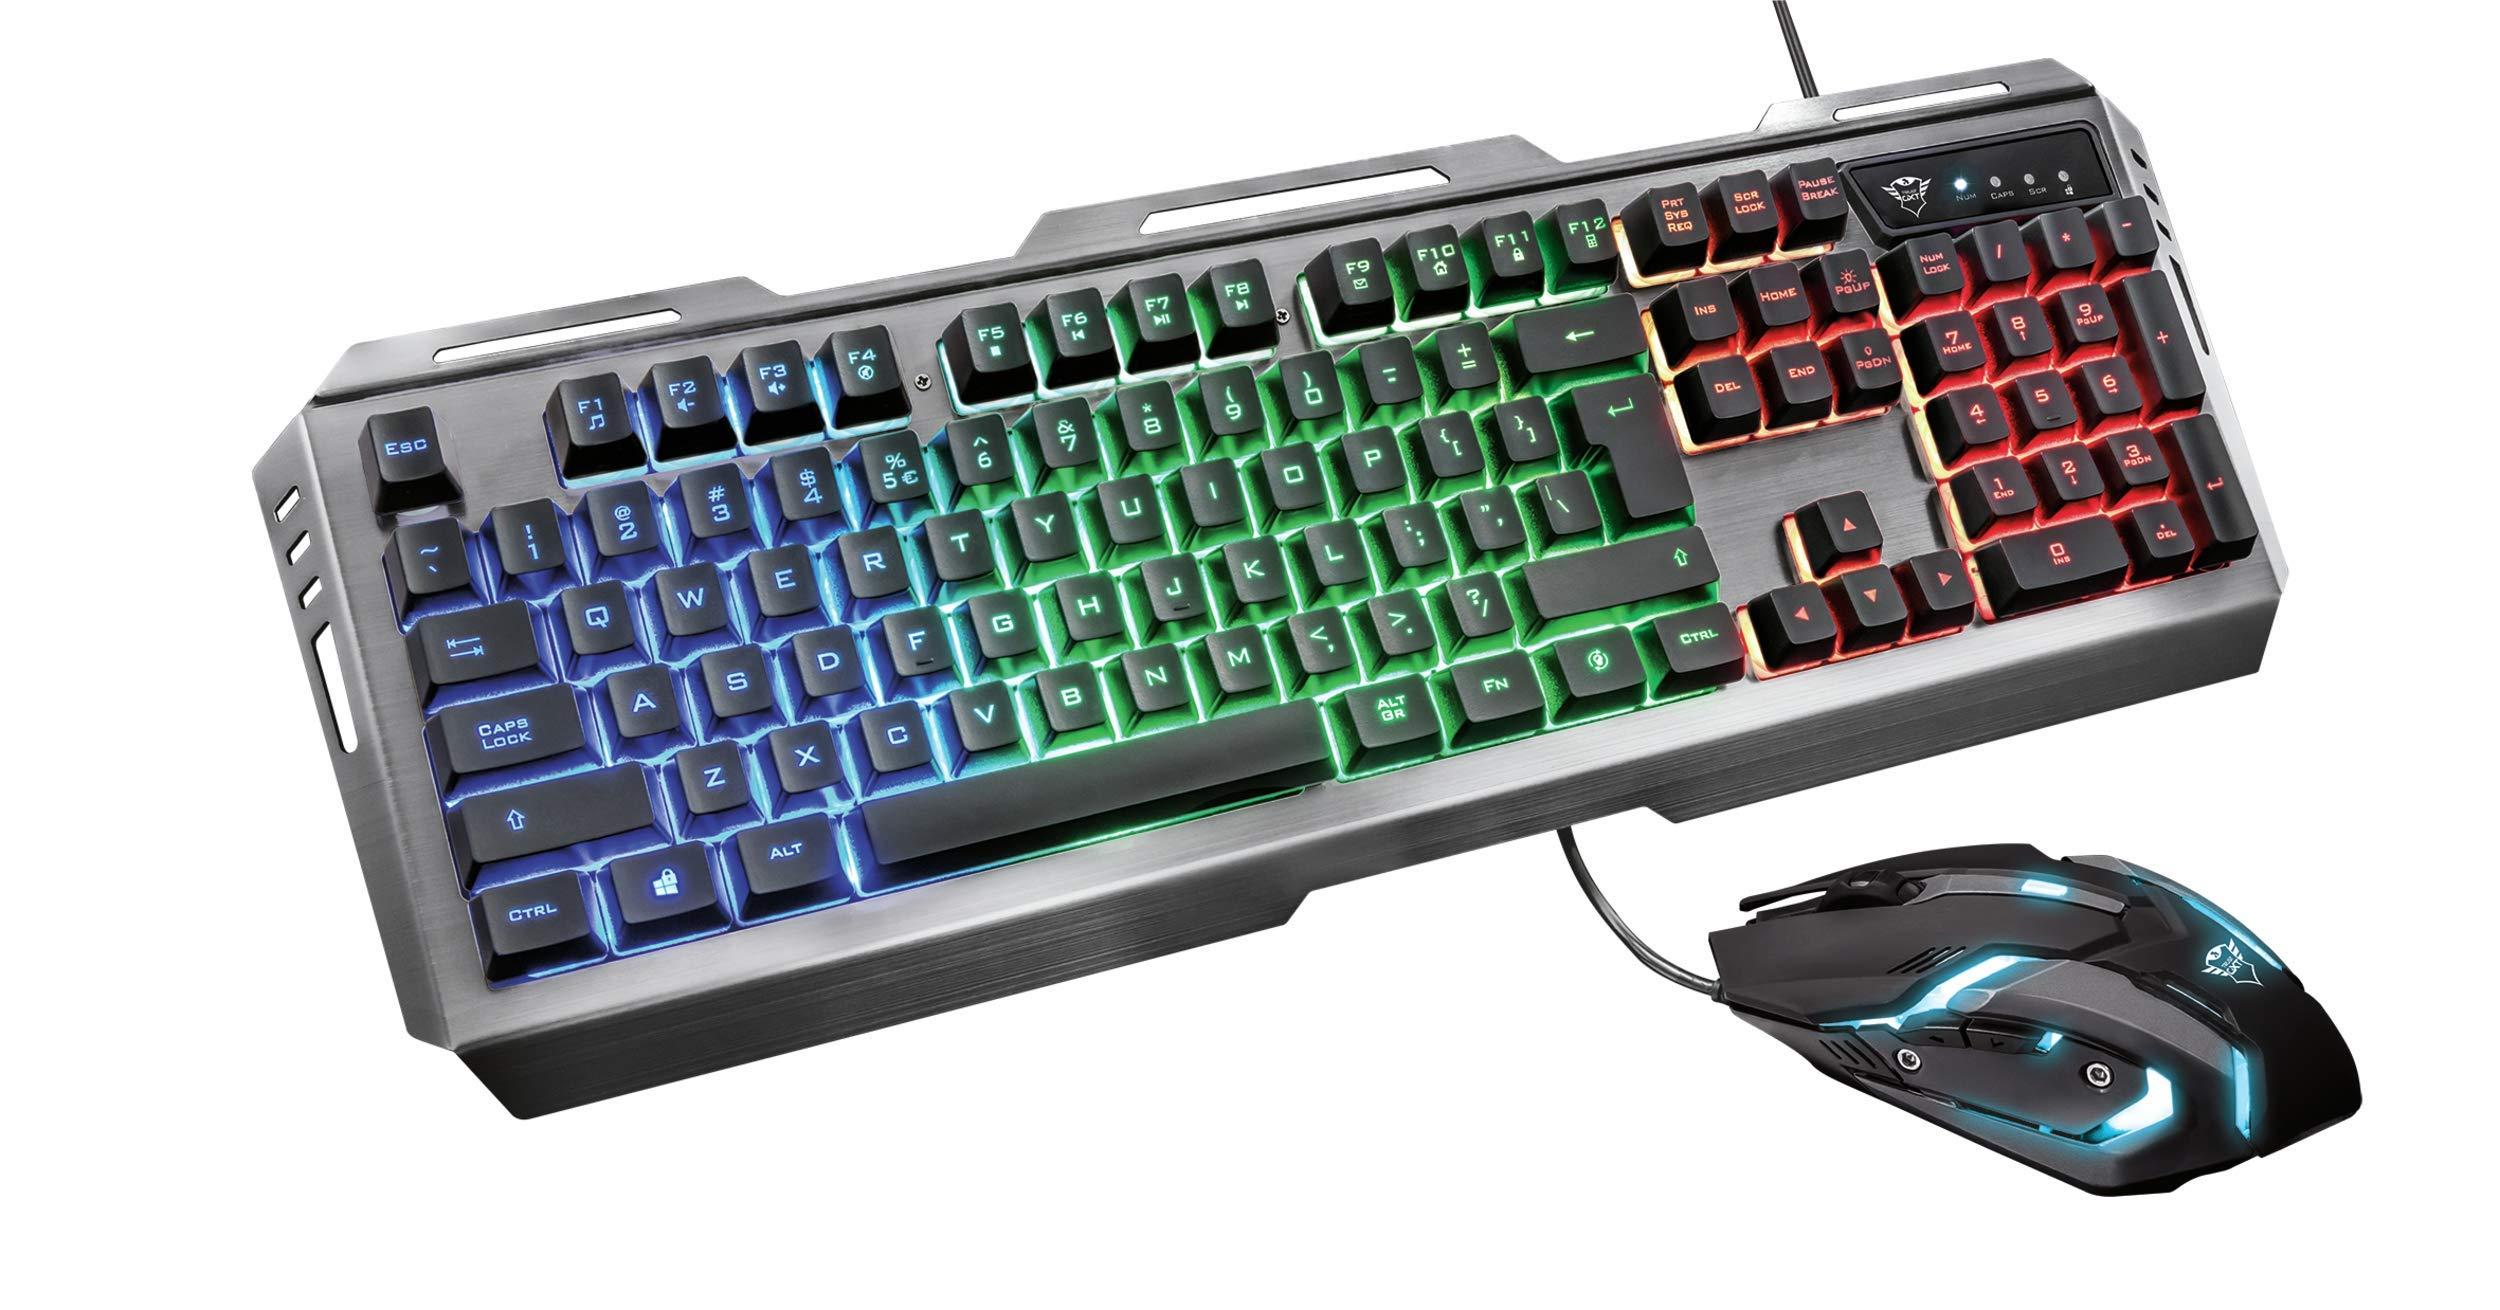 TRUST 22460 Teclado USB Gaming + Raton USB Gaming 3200DPI GXT 845 ...